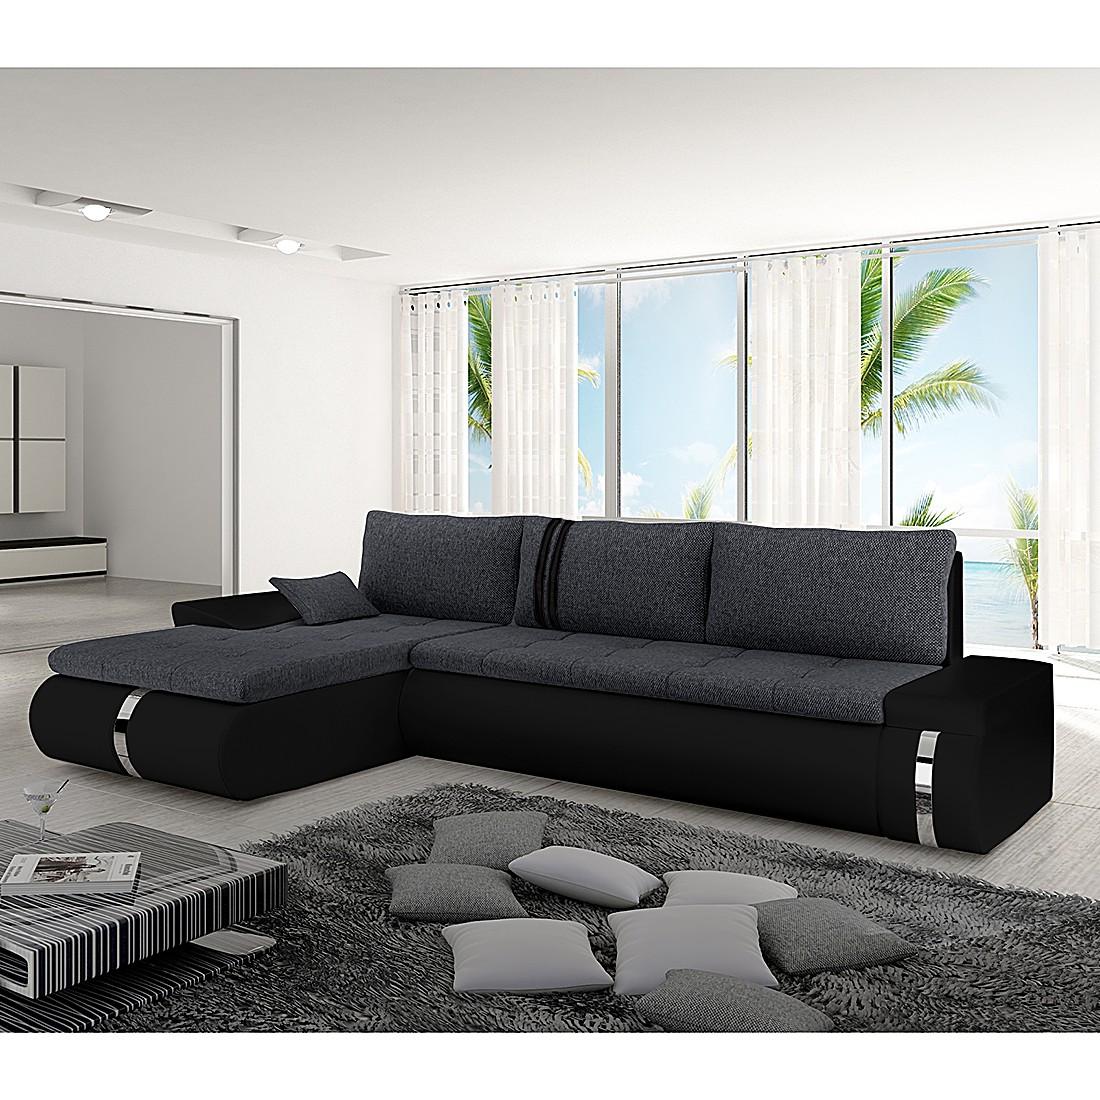 ecksofa mit schlaffunktion schweiz ecksofa mit. Black Bedroom Furniture Sets. Home Design Ideas